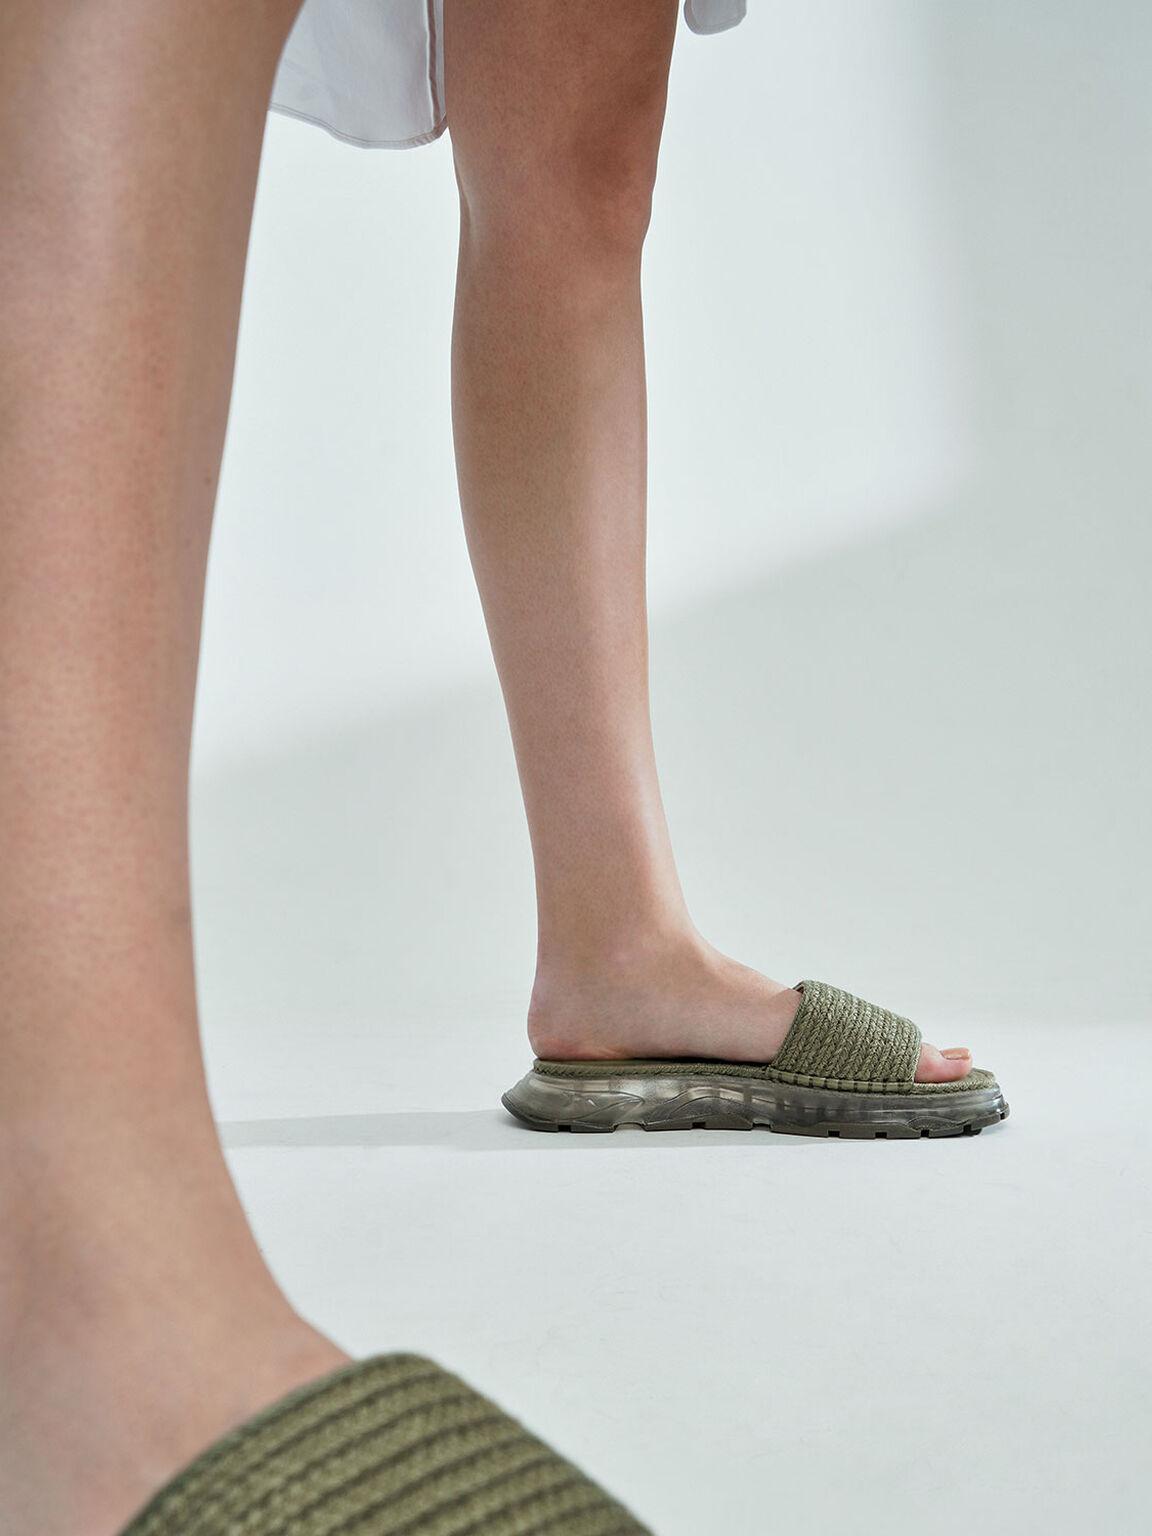 Espadrille Flatform Sandals, Olive, hi-res